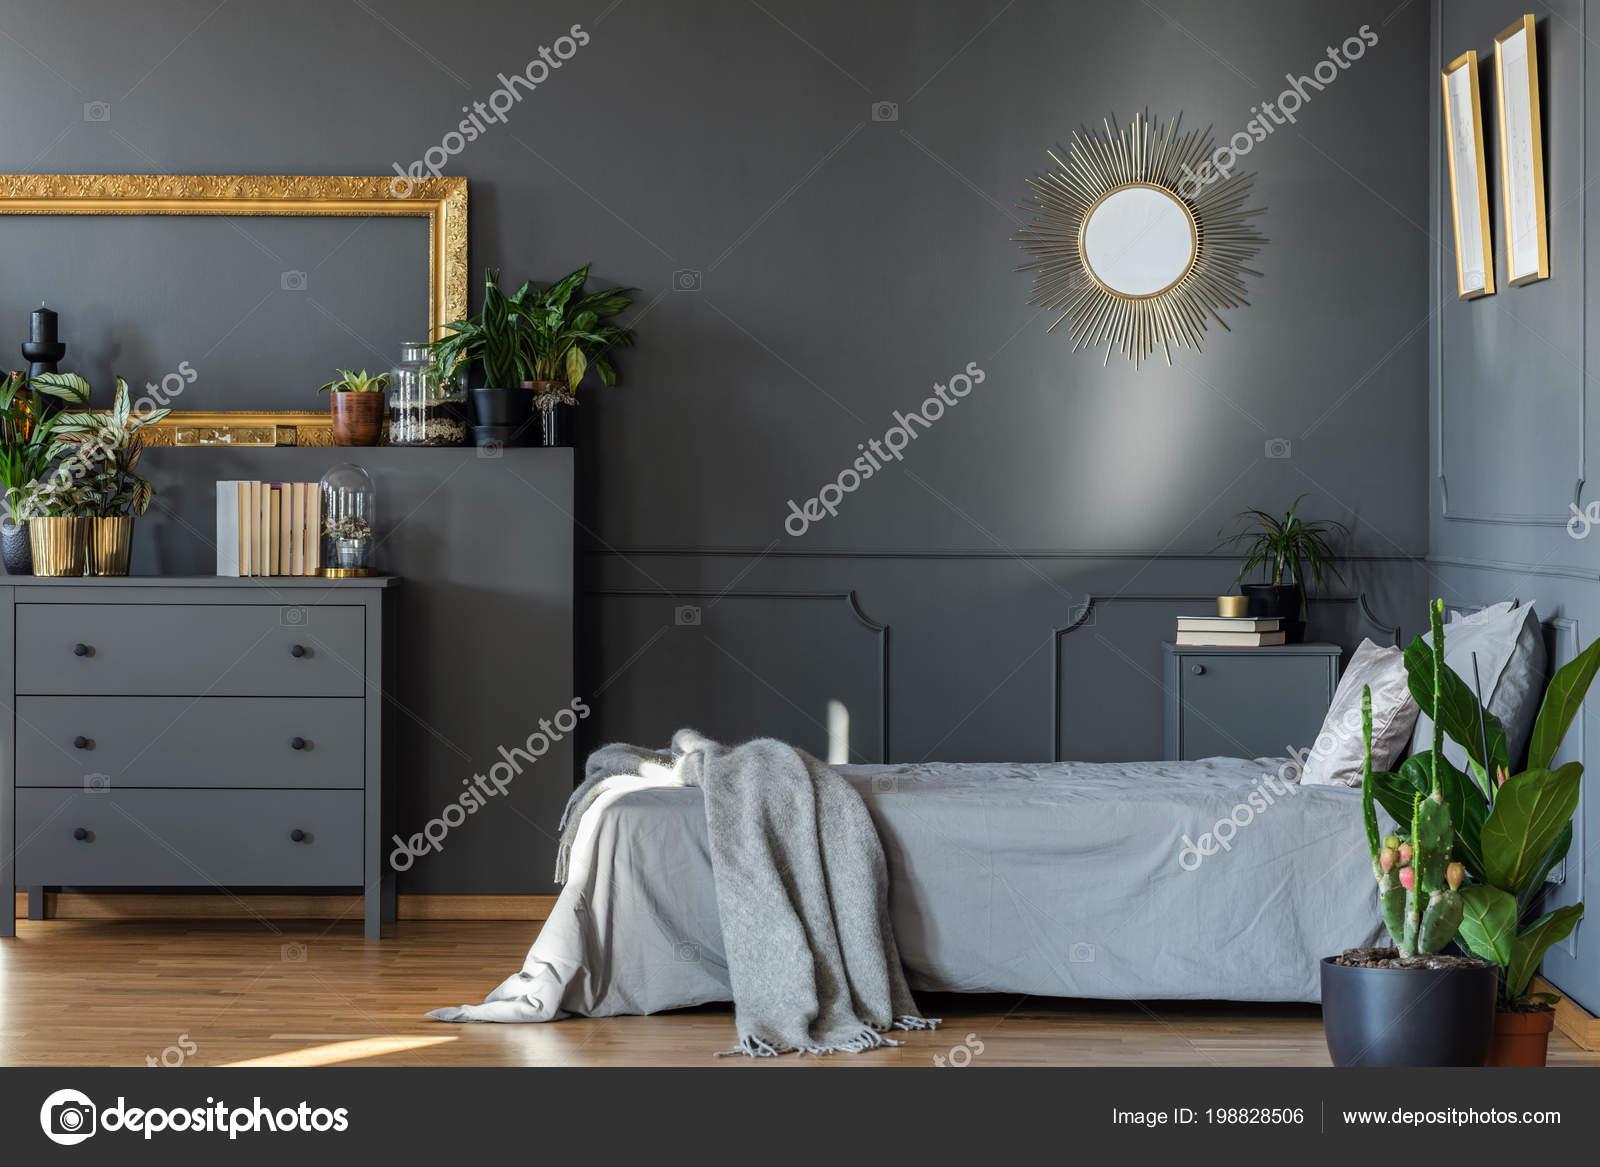 Decoratieve spiegel hangen aan muur donker grijs slaapkamer